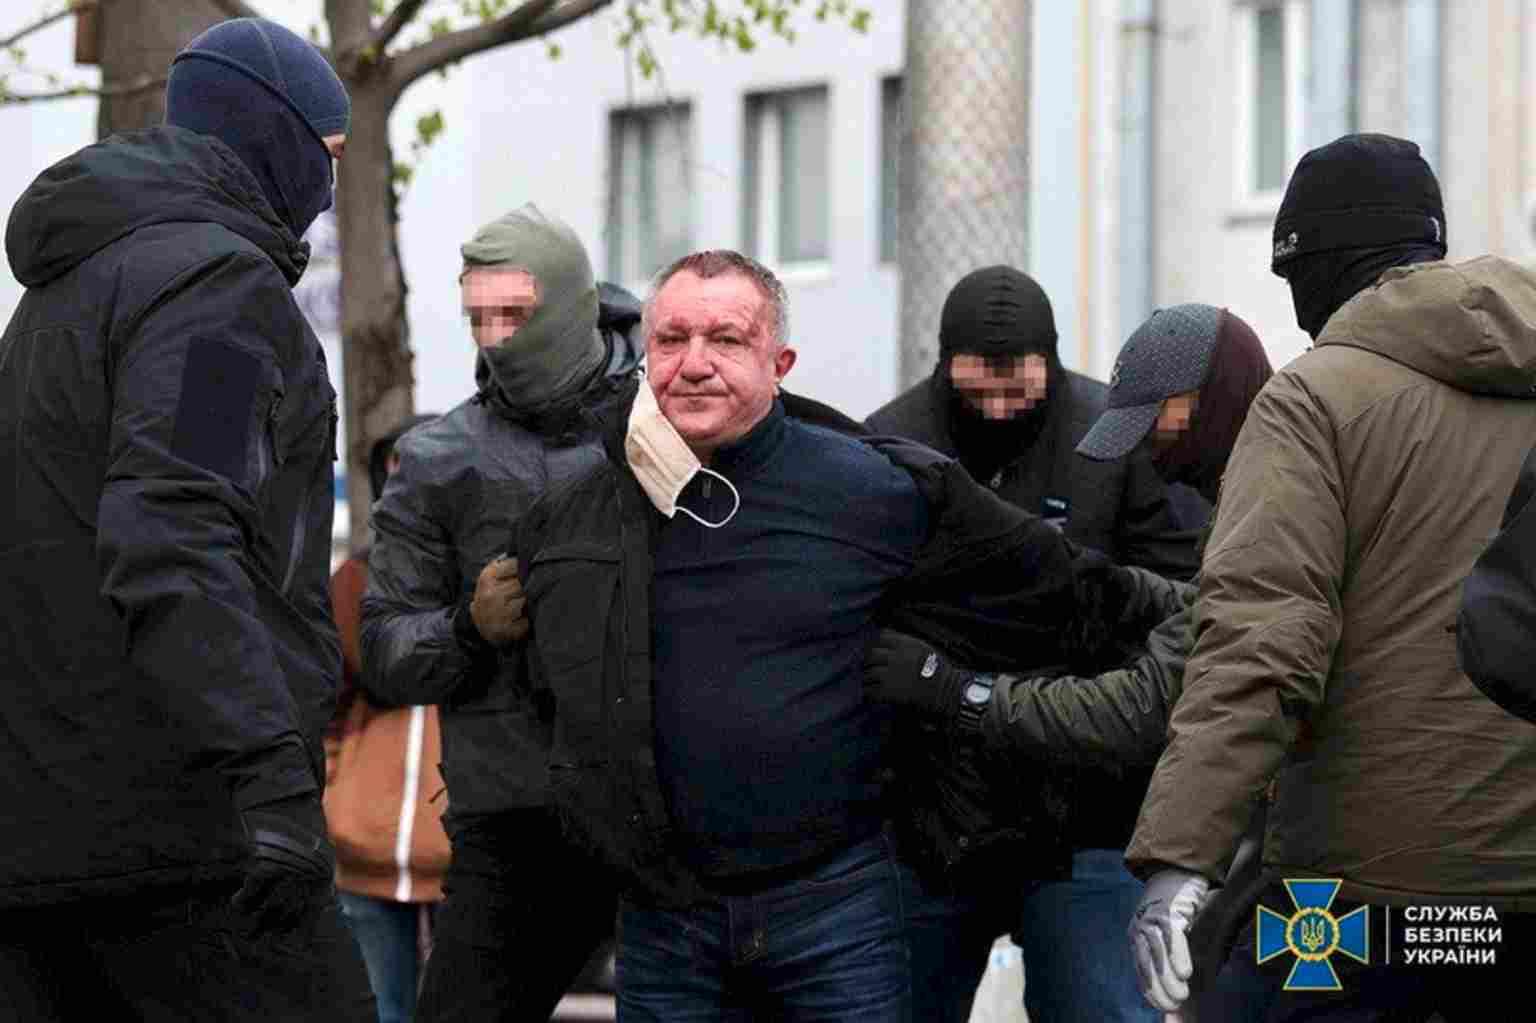 Ουκρανία: Συνελήφθη για κατασκοπεία υπέρ της Ρωσίας ο στρατηγός των μυστικών υπηρεσιών